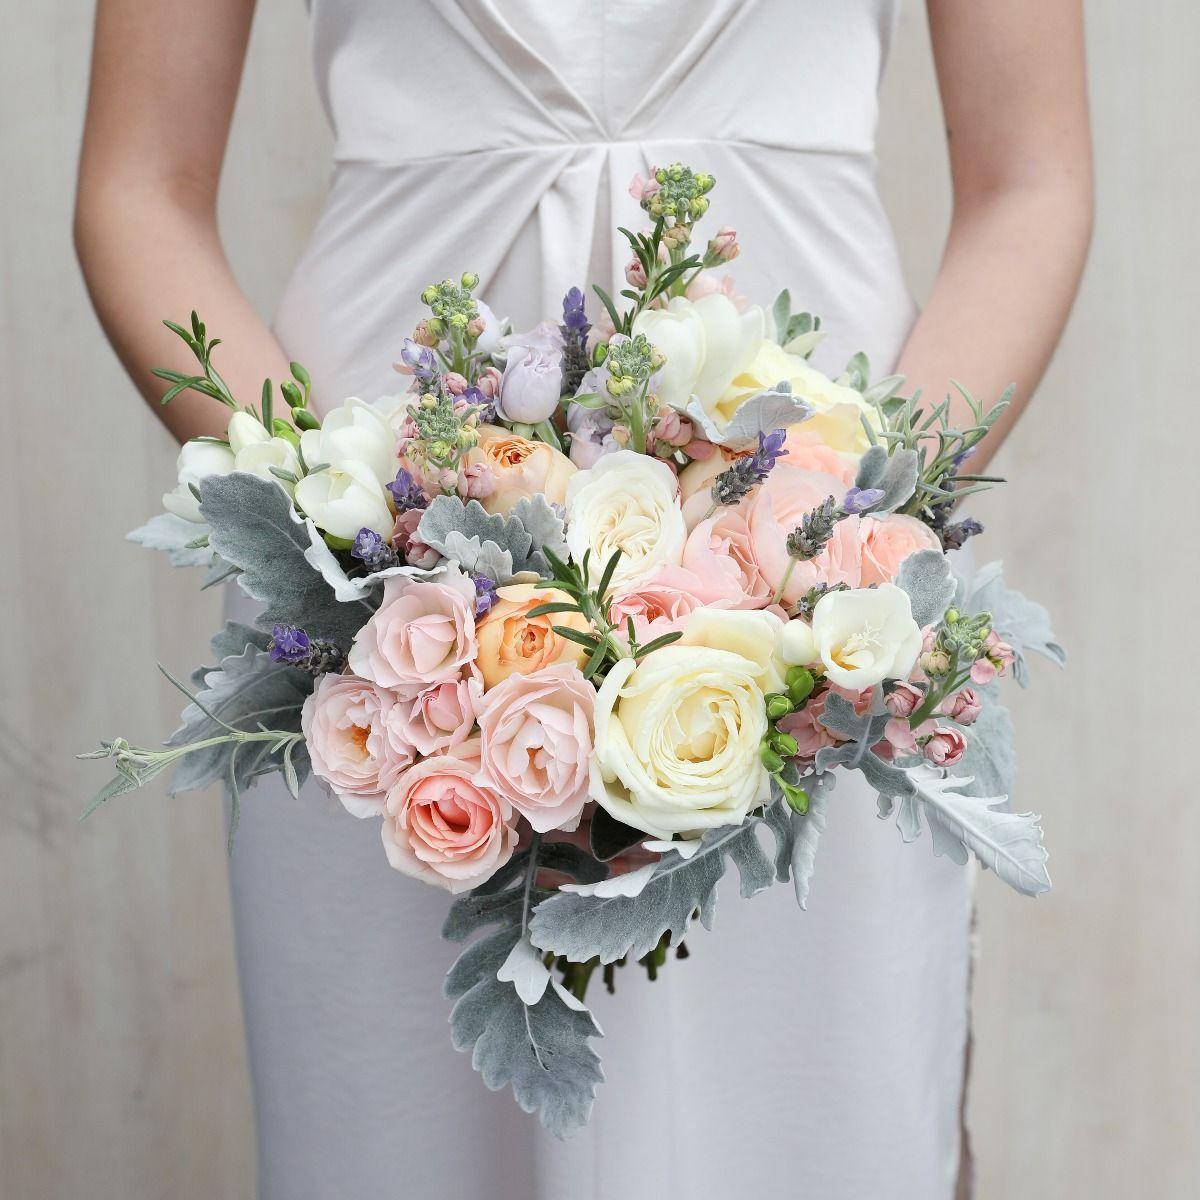 sugared almond bridal bouquet